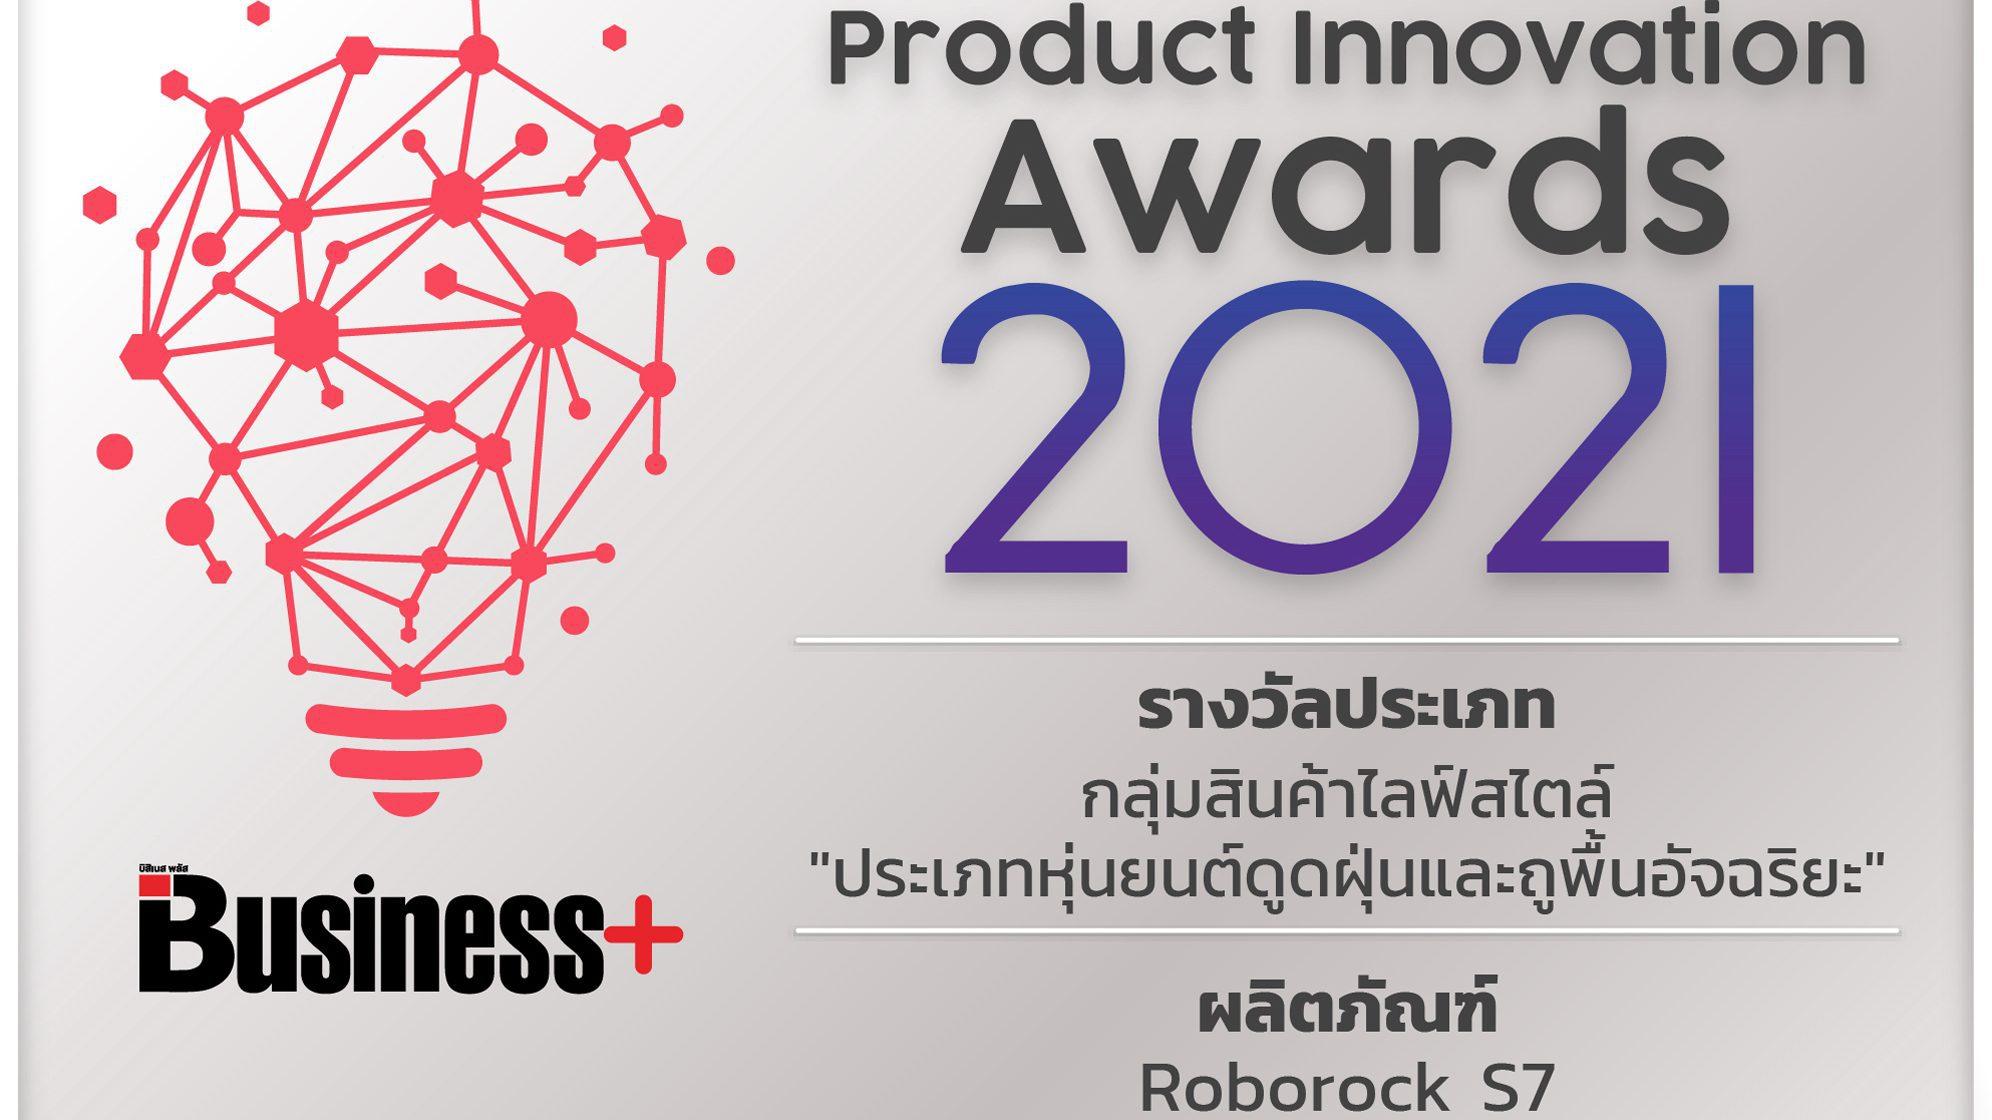 Roborock S7 หุ่นยนต์ดูดฝุ่นและถูพื้นอัจฉริยะ คว้ารางวัลชนะเลิศสินค้าไลฟ์สไตล์ จากงาน Product Innovation Award 2021